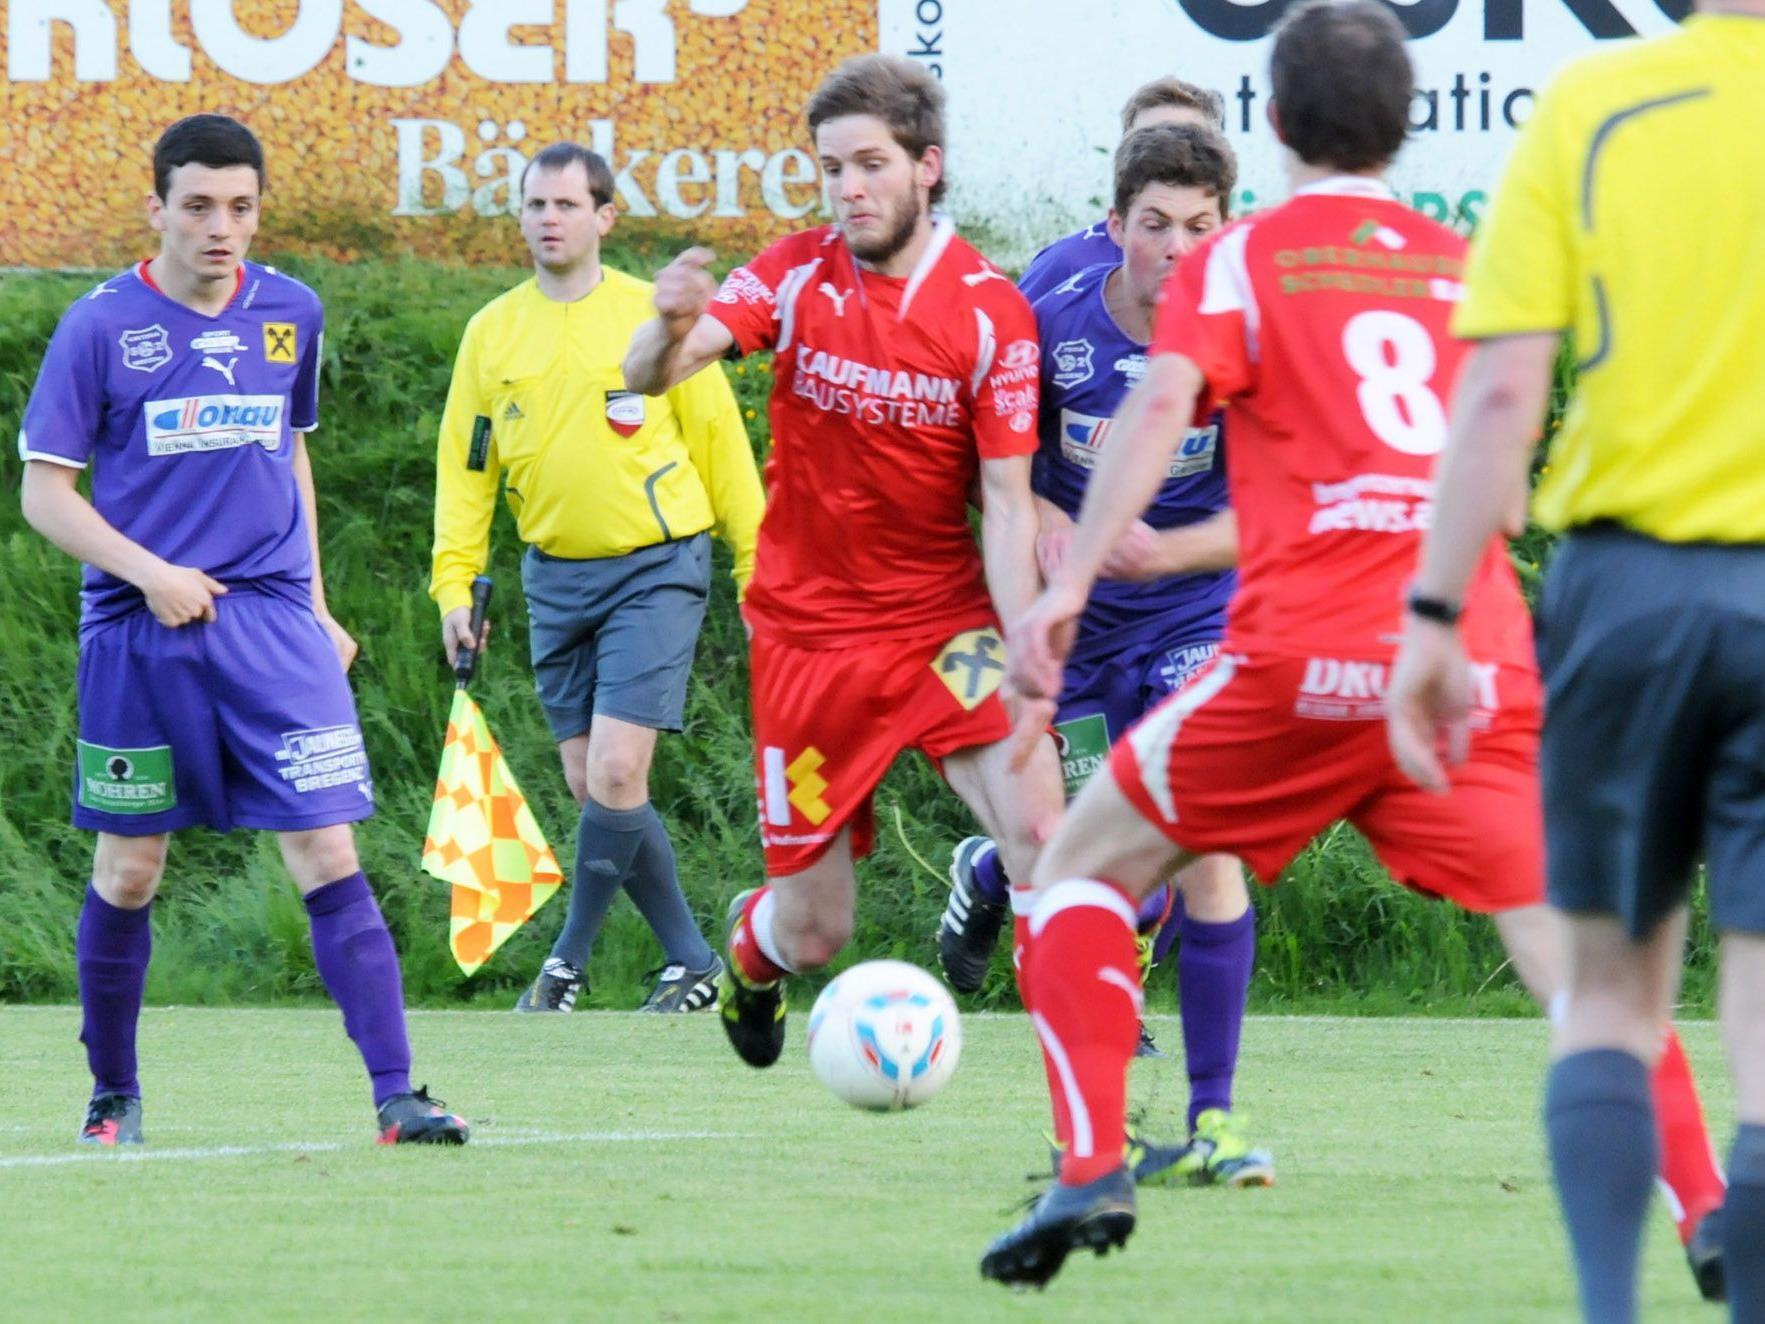 Der FC Viktoria Bregenz konnte sich gegen die Gäste aus Bizau nicht durchsetzen.